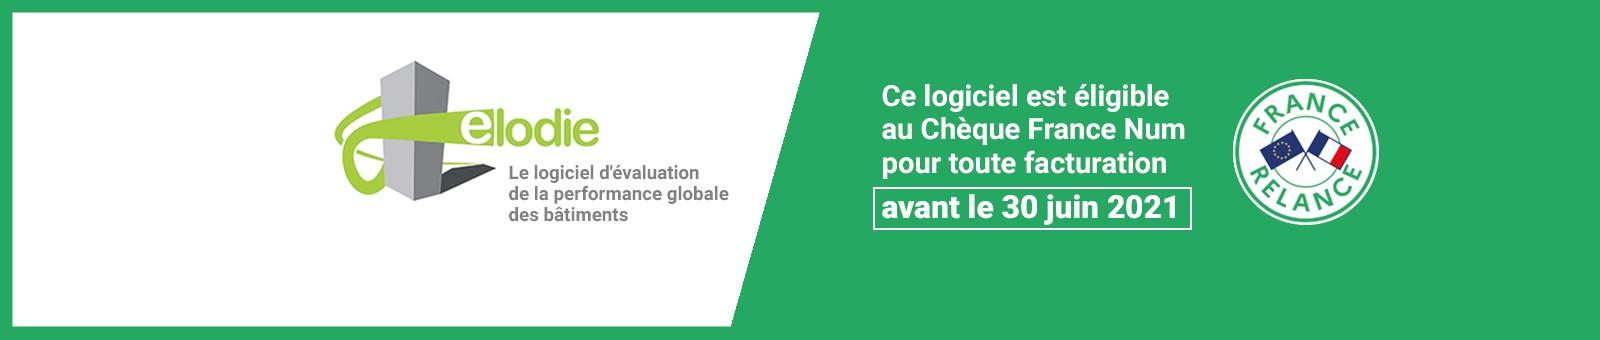 Logiciel ELODIE éligible au Chèque France Num pour toute facturation avant le 30 juin